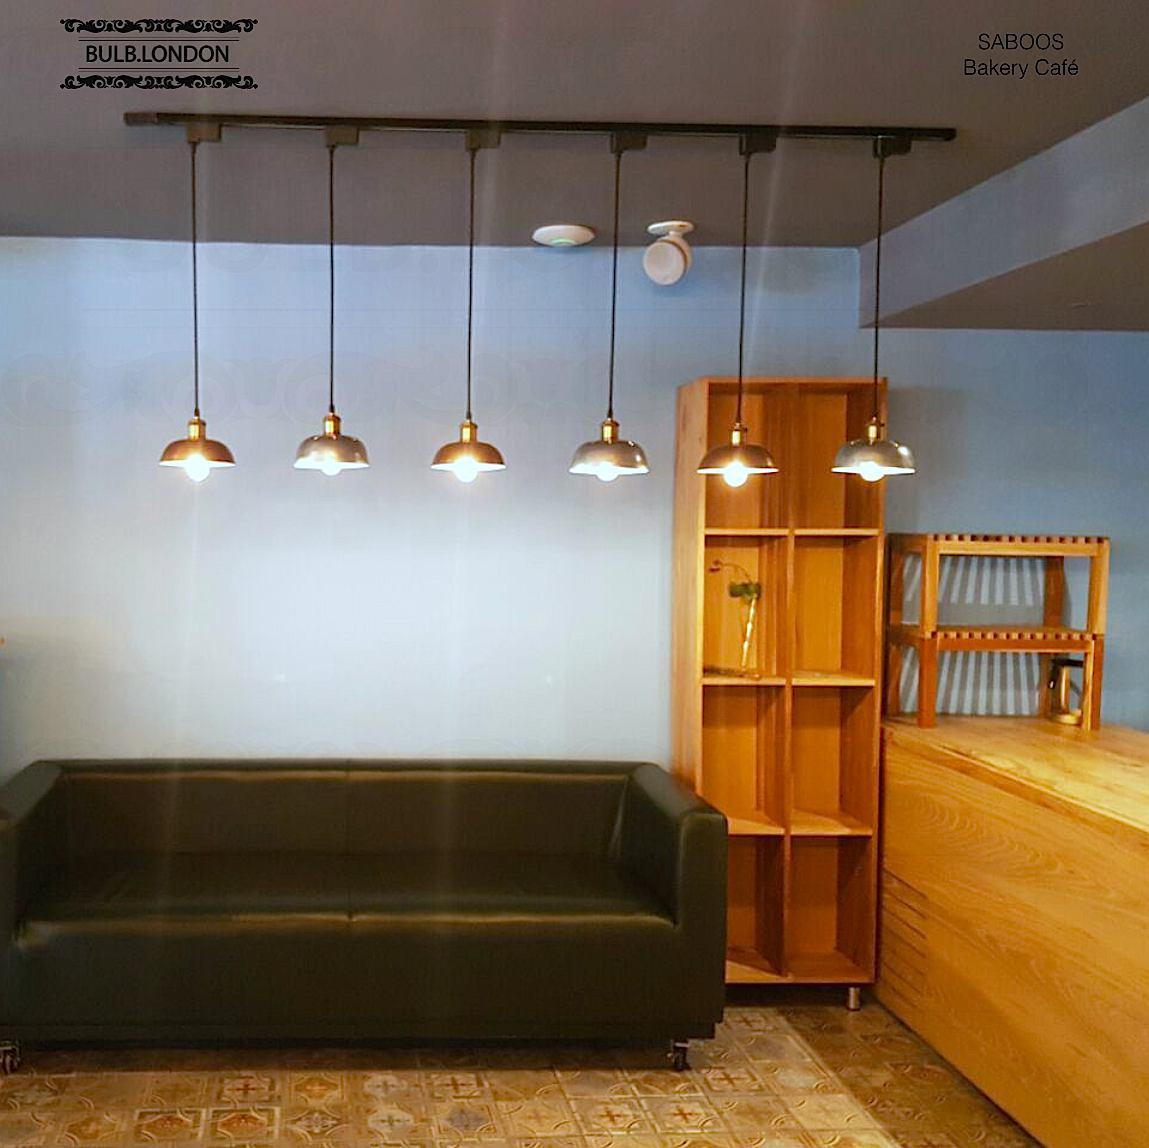 پروژه نورپردازی کافه سبوس